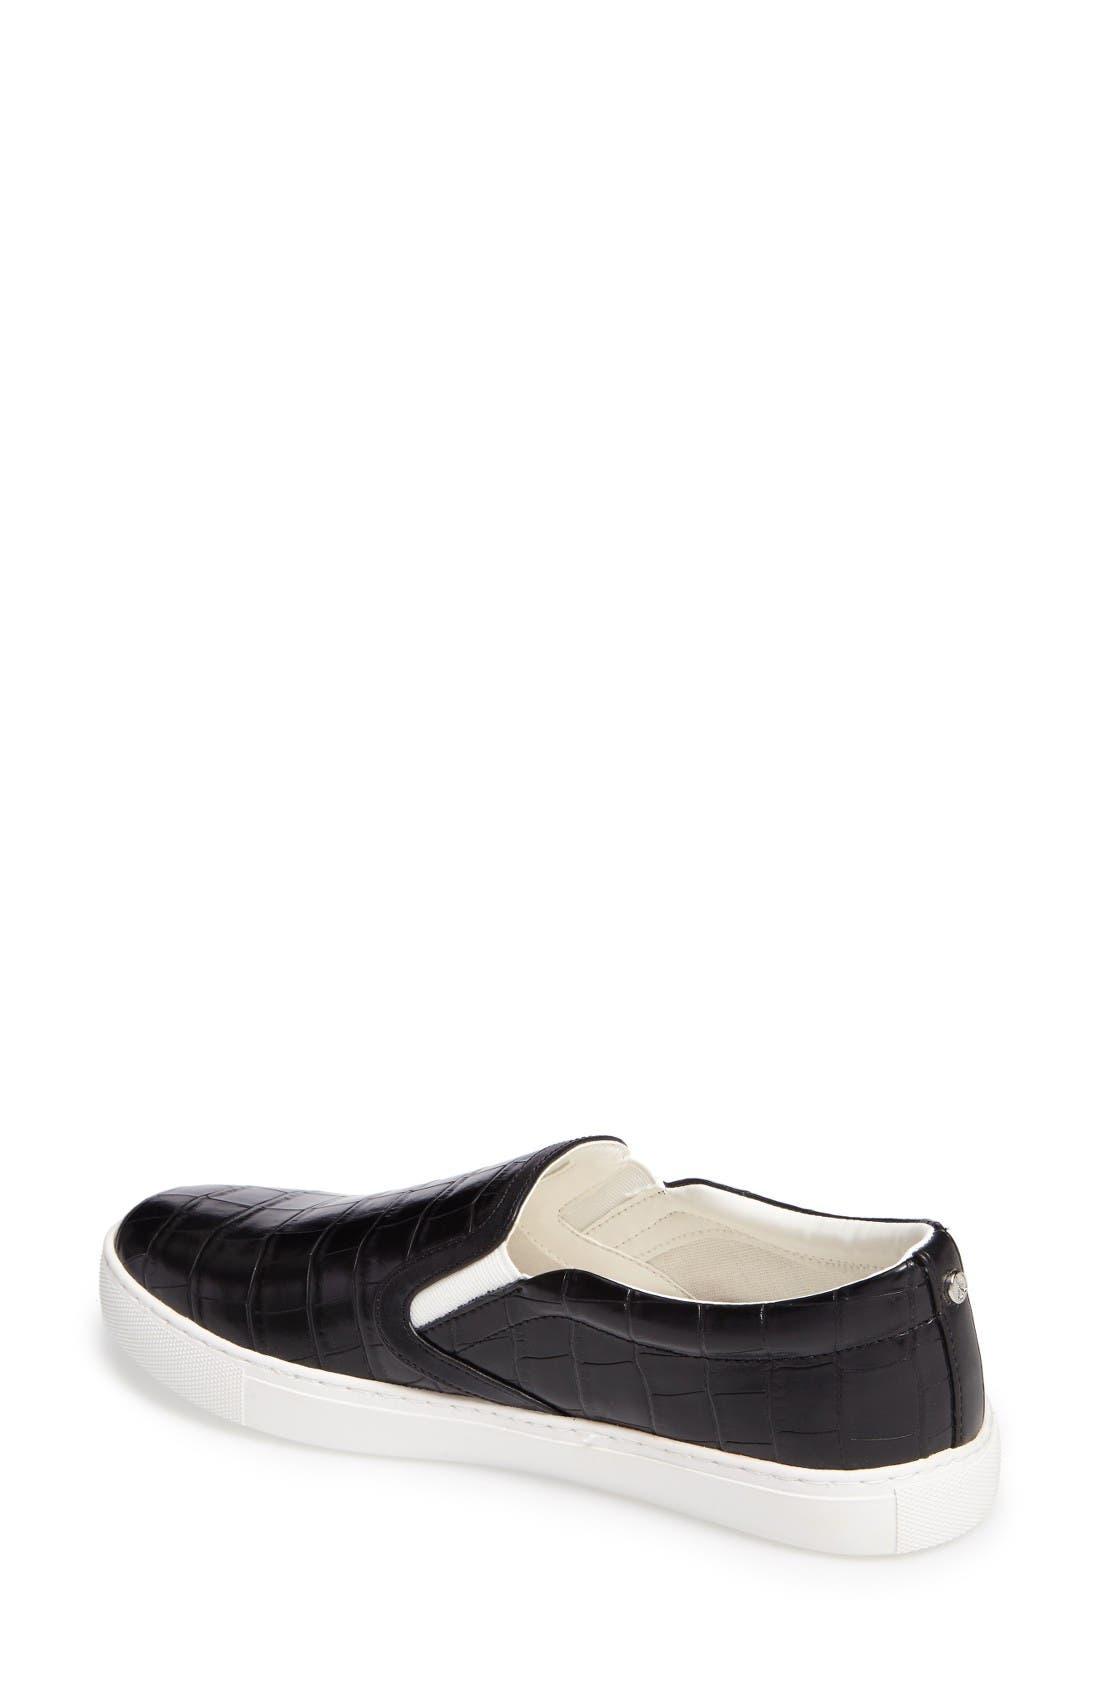 Alternate Image 2  - Sam Edelman Pixie Slip-On Sneaker (Women)